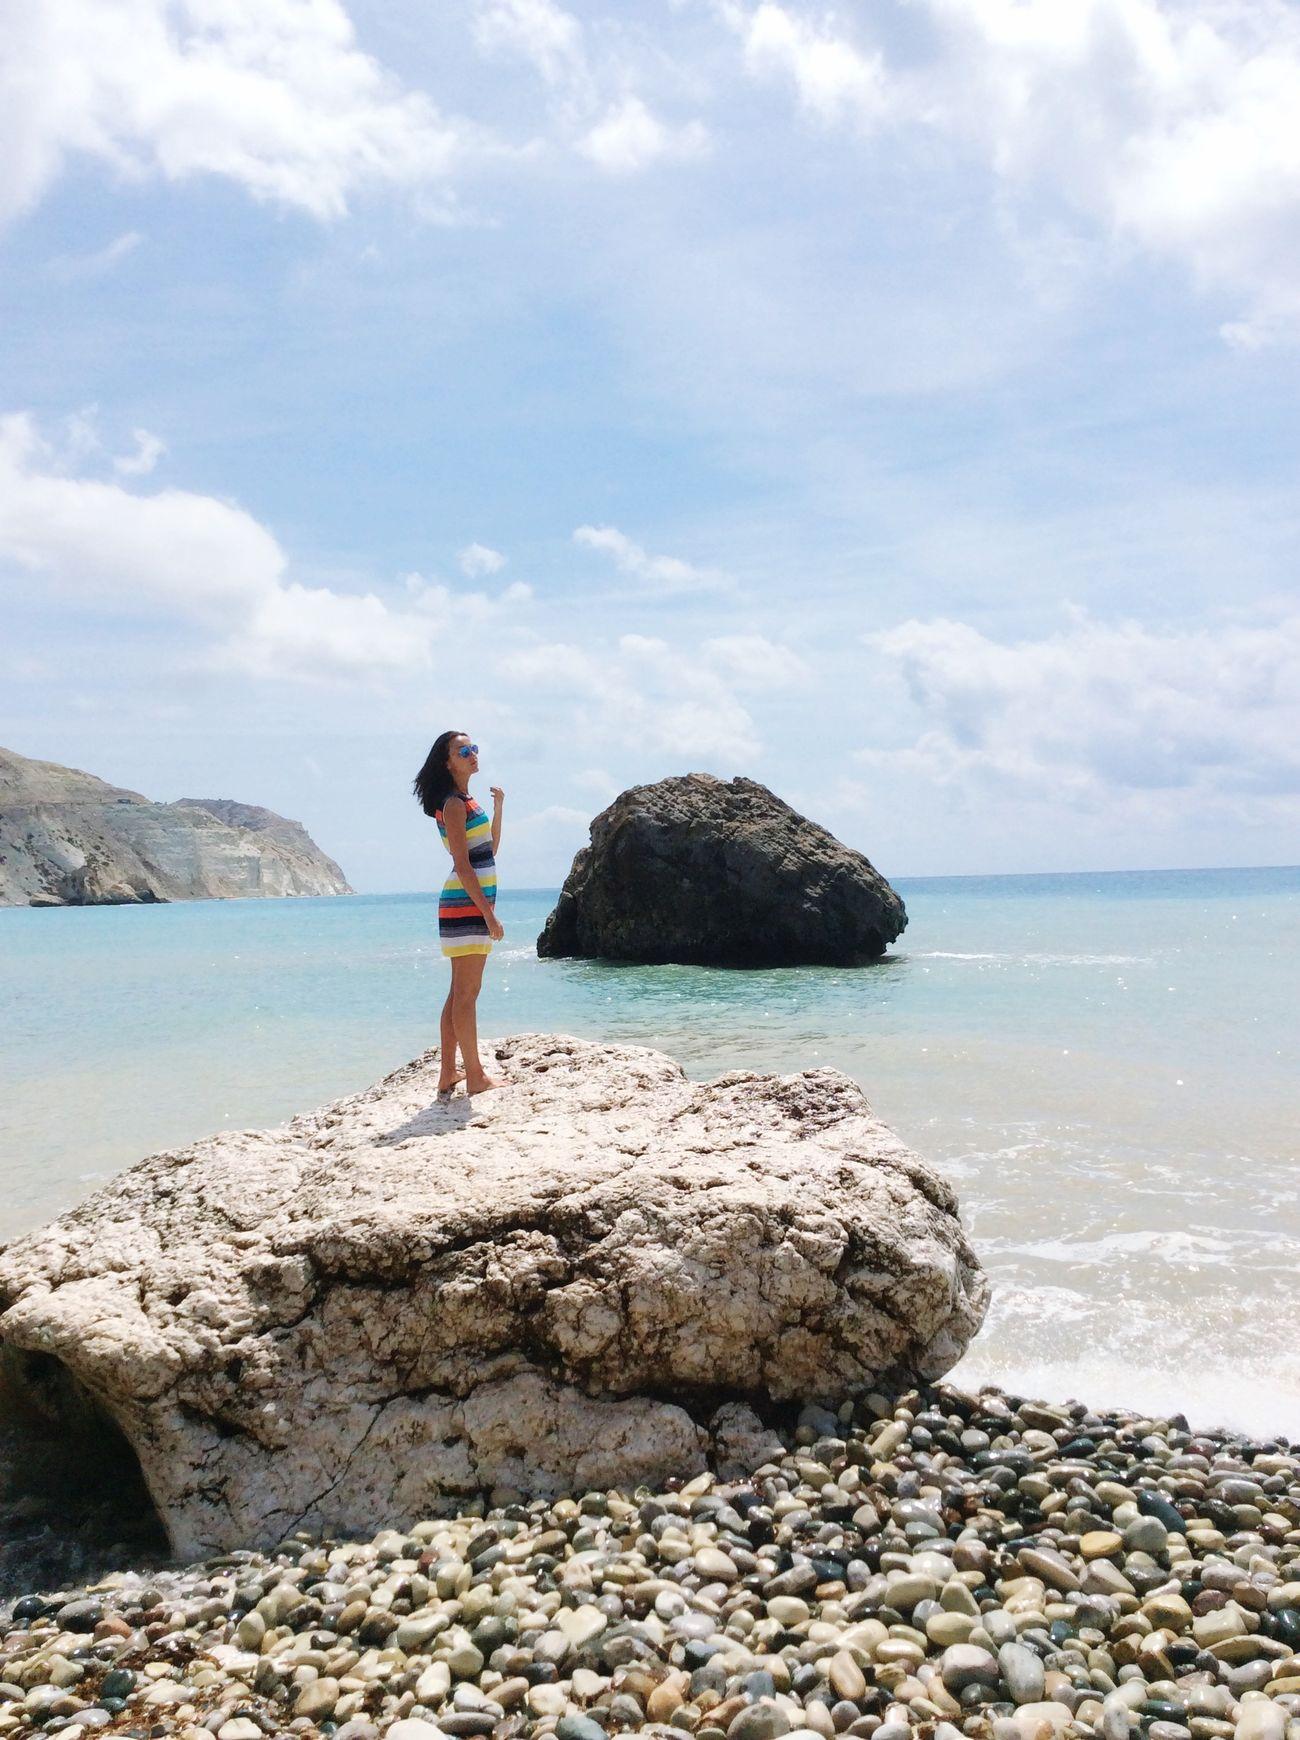 Enjoying The Sun Relaxing Enjoying Life Traveling Girl Cyprus Sea Beach Beautiful Nature